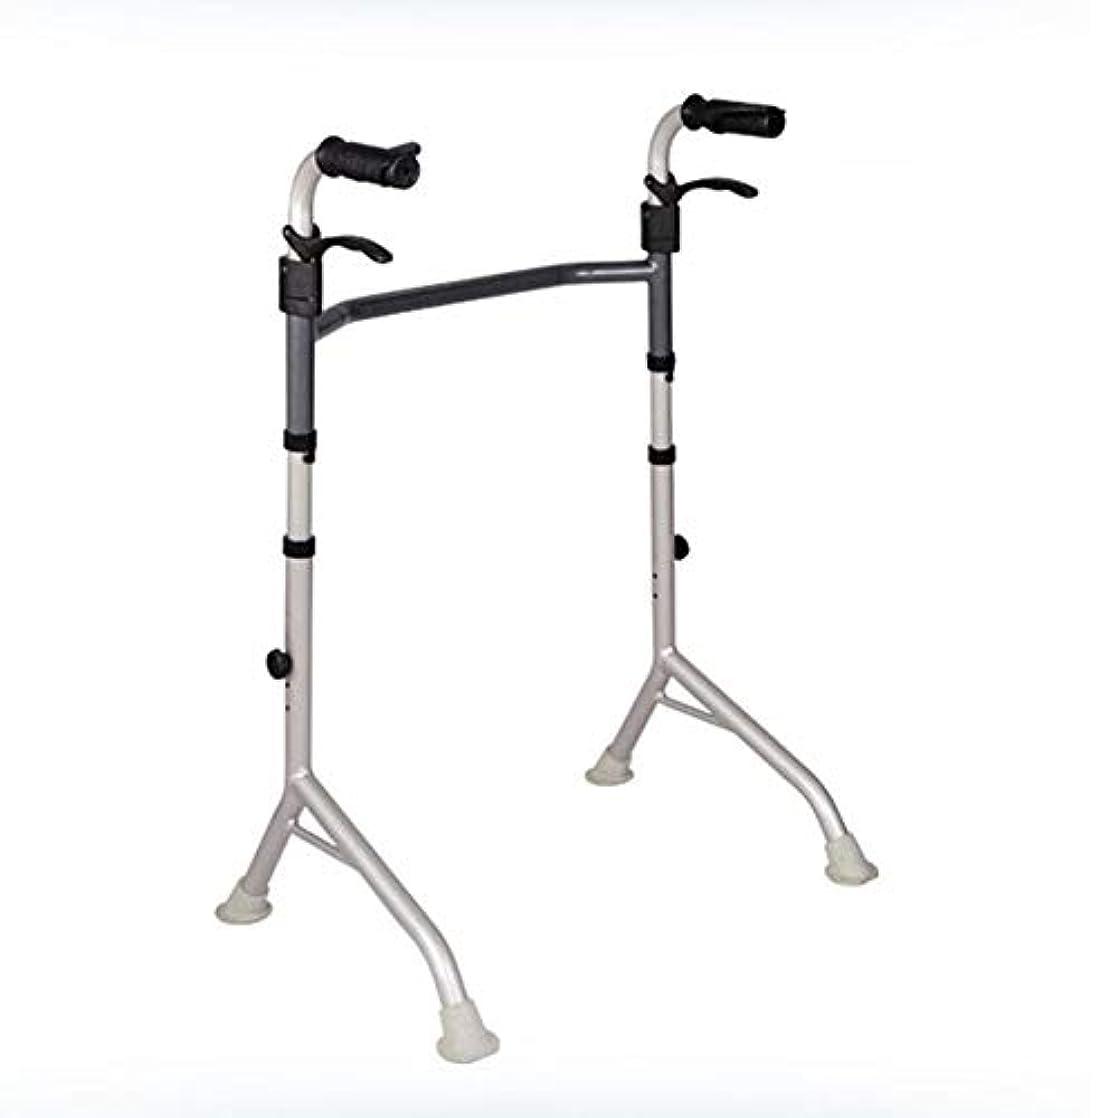 先祖マナーから四脚歩行器、高齢者歩行フレーム、リハビリテーション立ちアームレスト、歩行補助